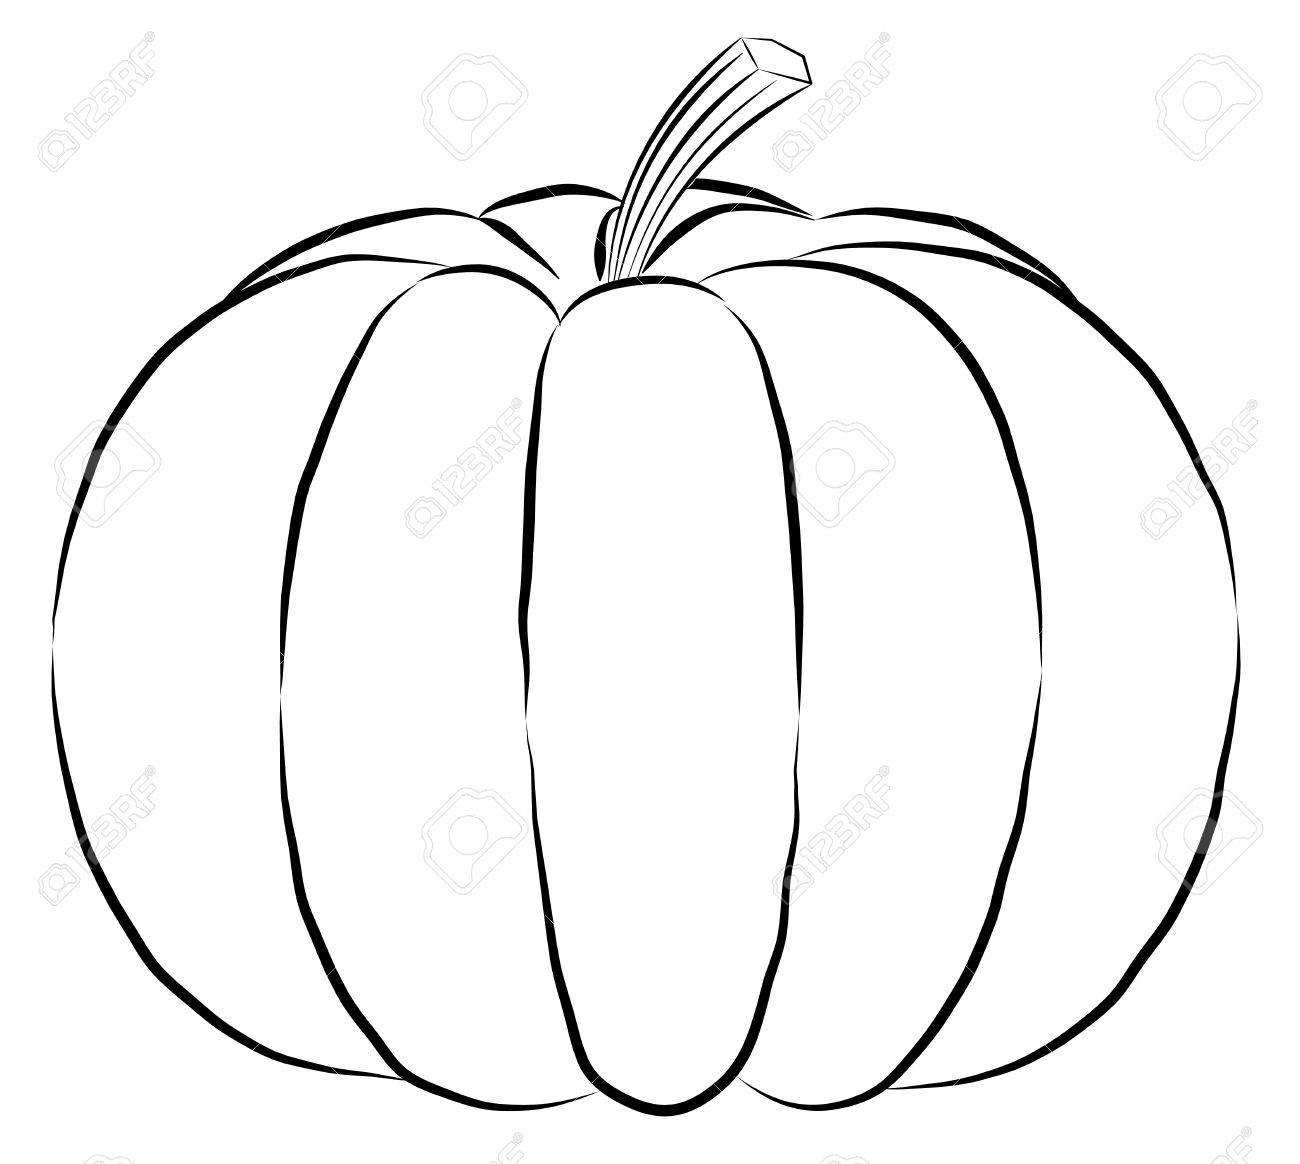 Pumpkin Drawing Outline At Getdrawings